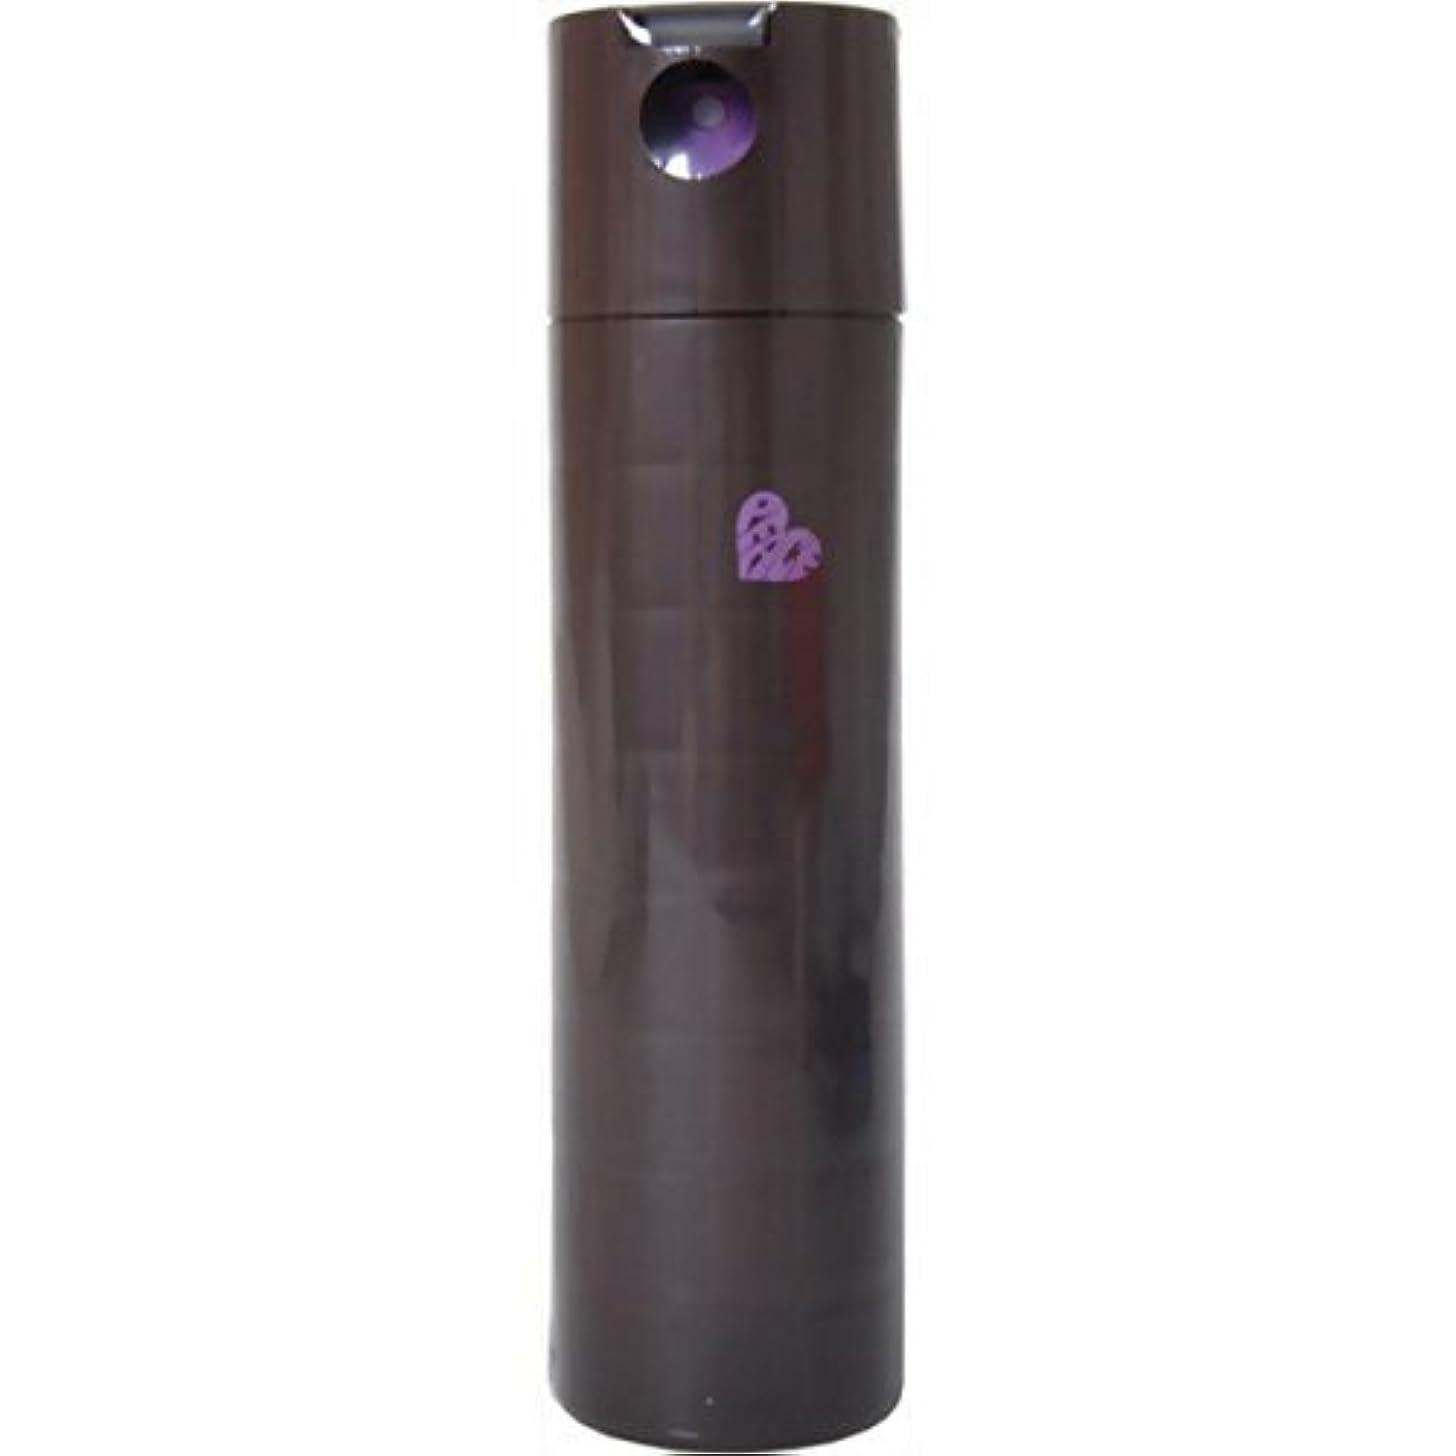 くつろぐクルーすみませんアリミノ ピース カールspray チョコ 138g(200ml) スプレーライン ARIMINO PEACE